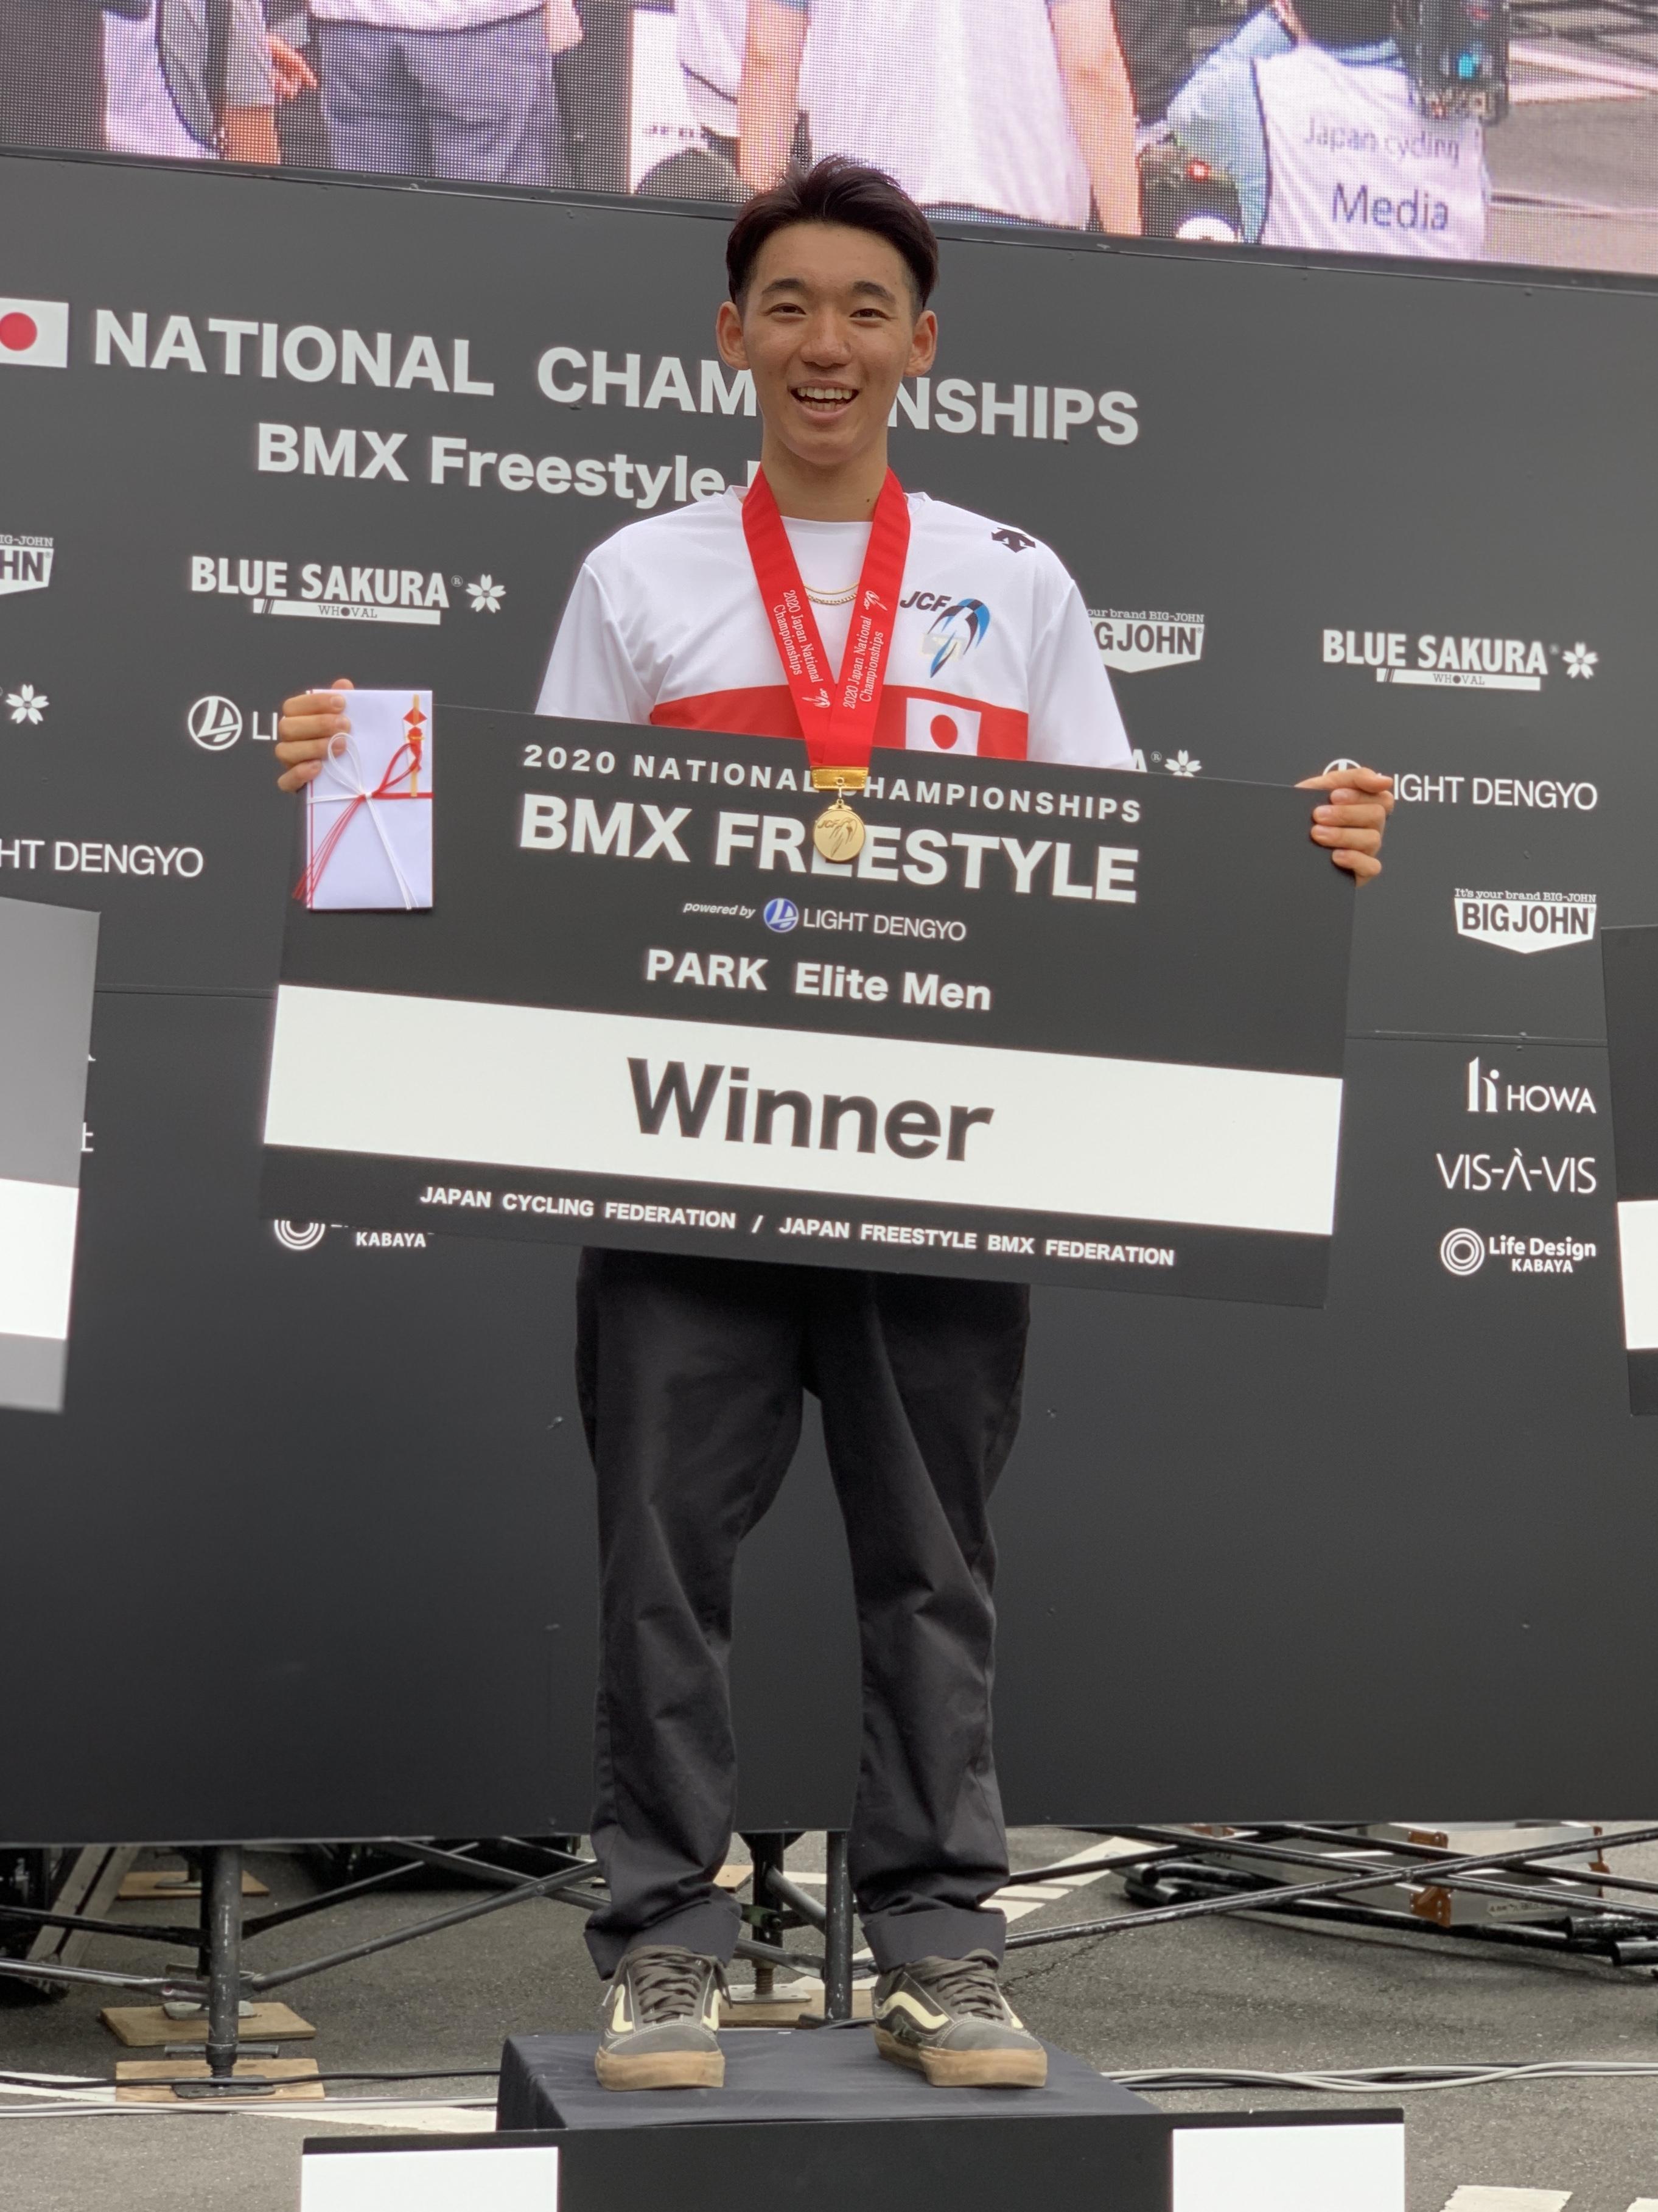 【中村輪夢】第4回全日本BMXフリースタイル選手権・パーク優勝!